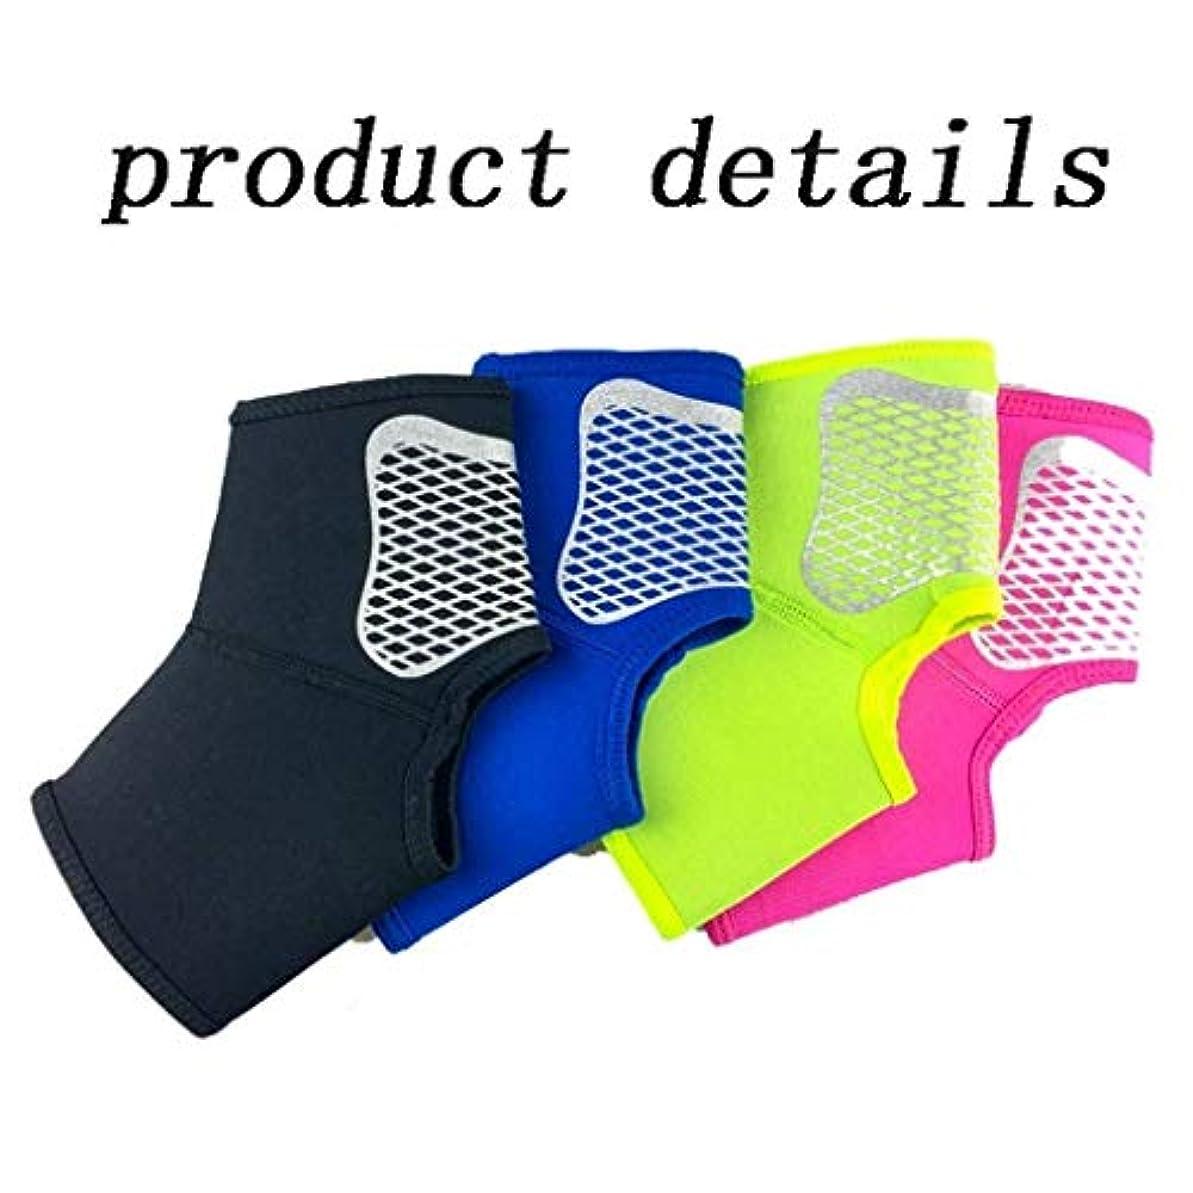 残る土曜日鰐Hually足首サポート、通気性と伸縮性のあるナイロン素材を使用した1ペアの足首ブレース、快適な足首ラップスポーツが慢性的な足首の捻F疲労を防ぎます (Color : Red, Size : M)